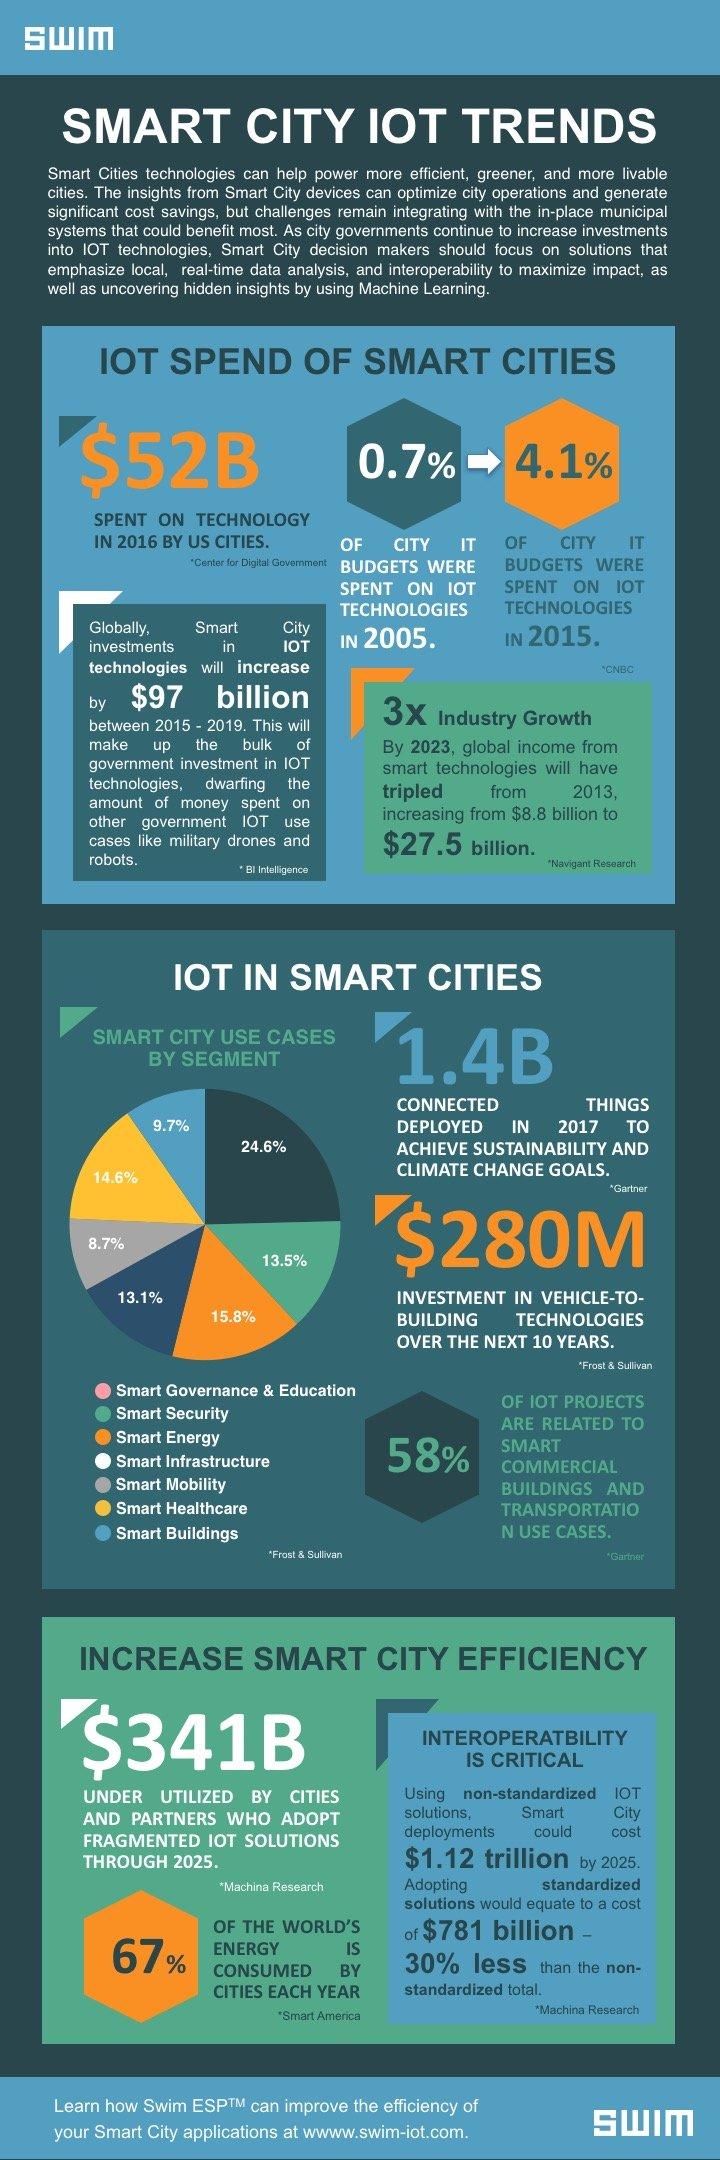 Swim_Smart City IOT Trends_Infographic